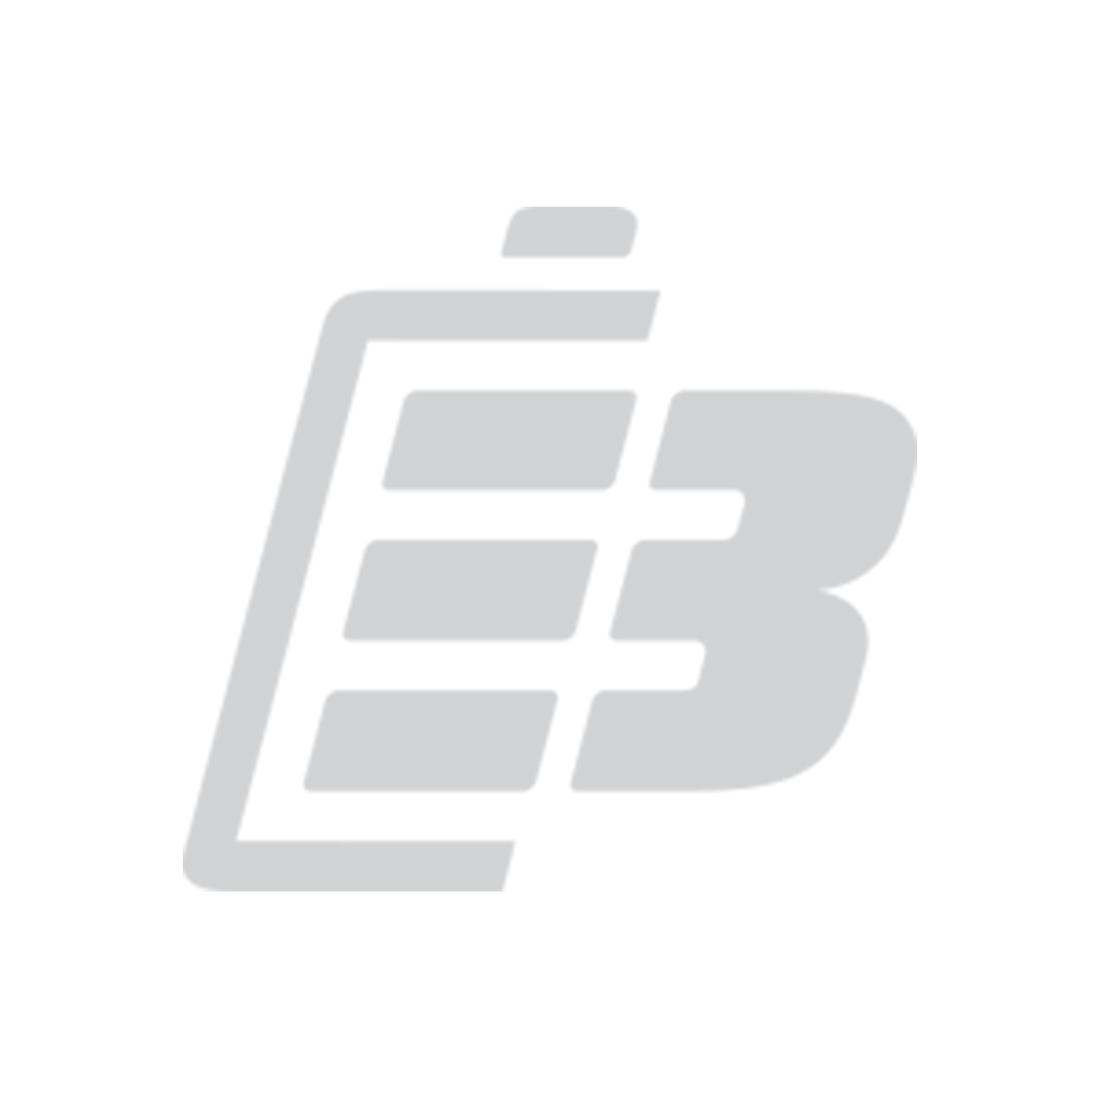 Μπαταρία smartphone Sony Xperia Z1 Compact_1